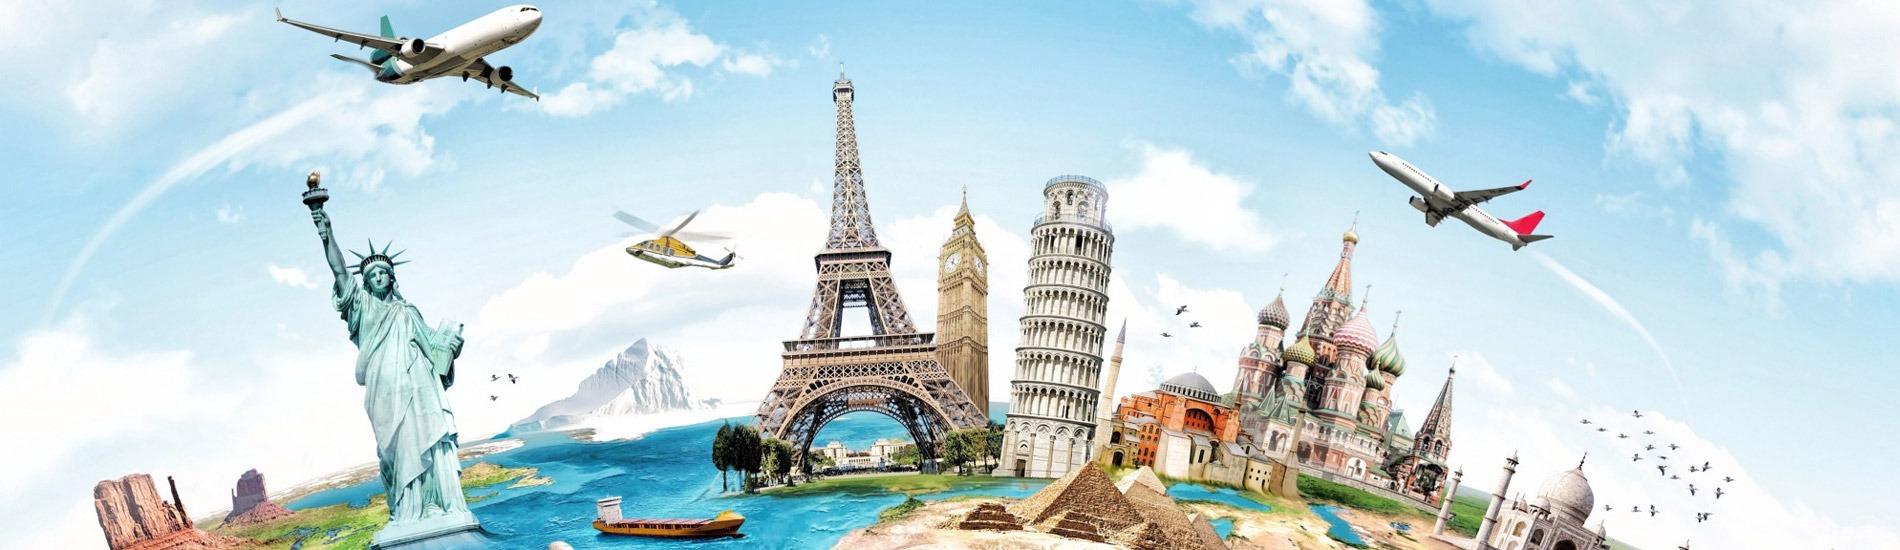 Vizesiz Seyahat Edebileceğiniz 6 Muhteşem Şehir